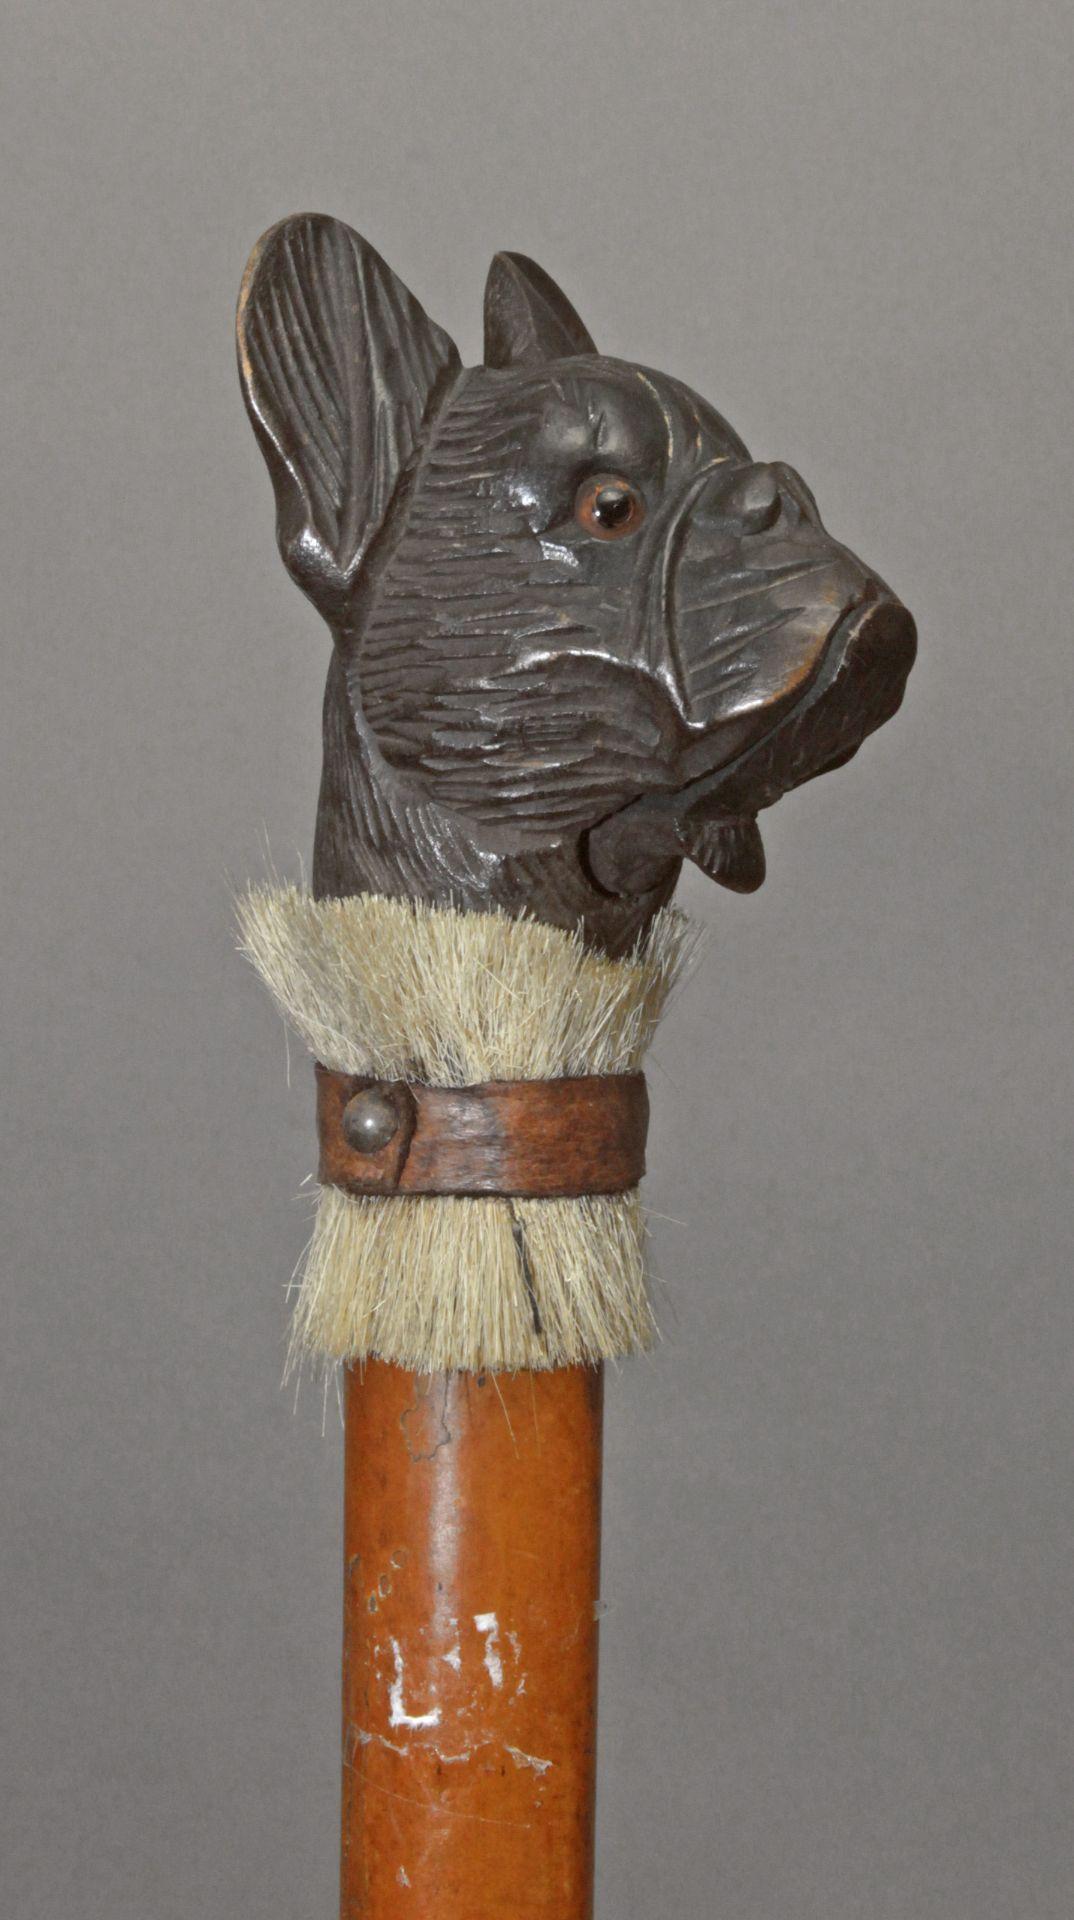 A first half 20th century walking stick - Bild 3 aus 5